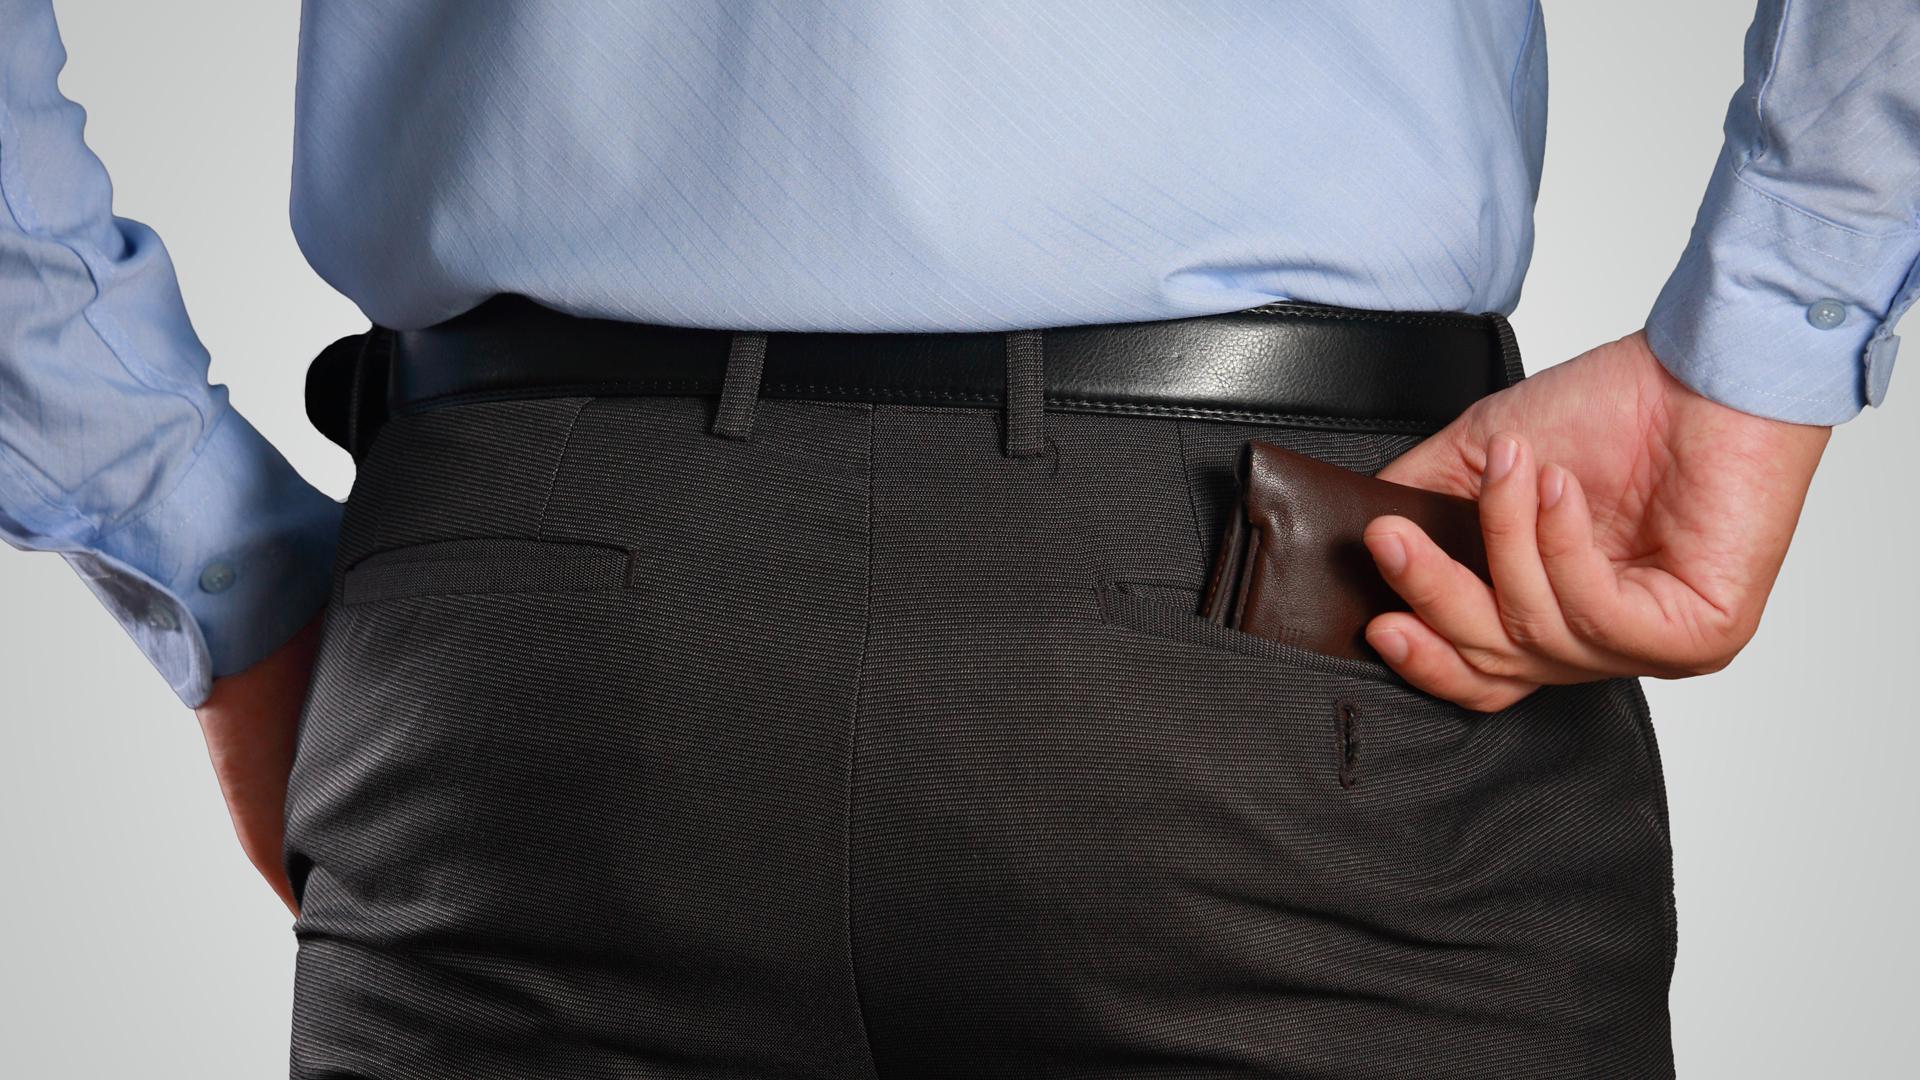 Los hombres suelen guardar la billetera en su bolsillo trasero ypasar sentados durante mucho tiemposin notar el desnivel en su postura (Getty)